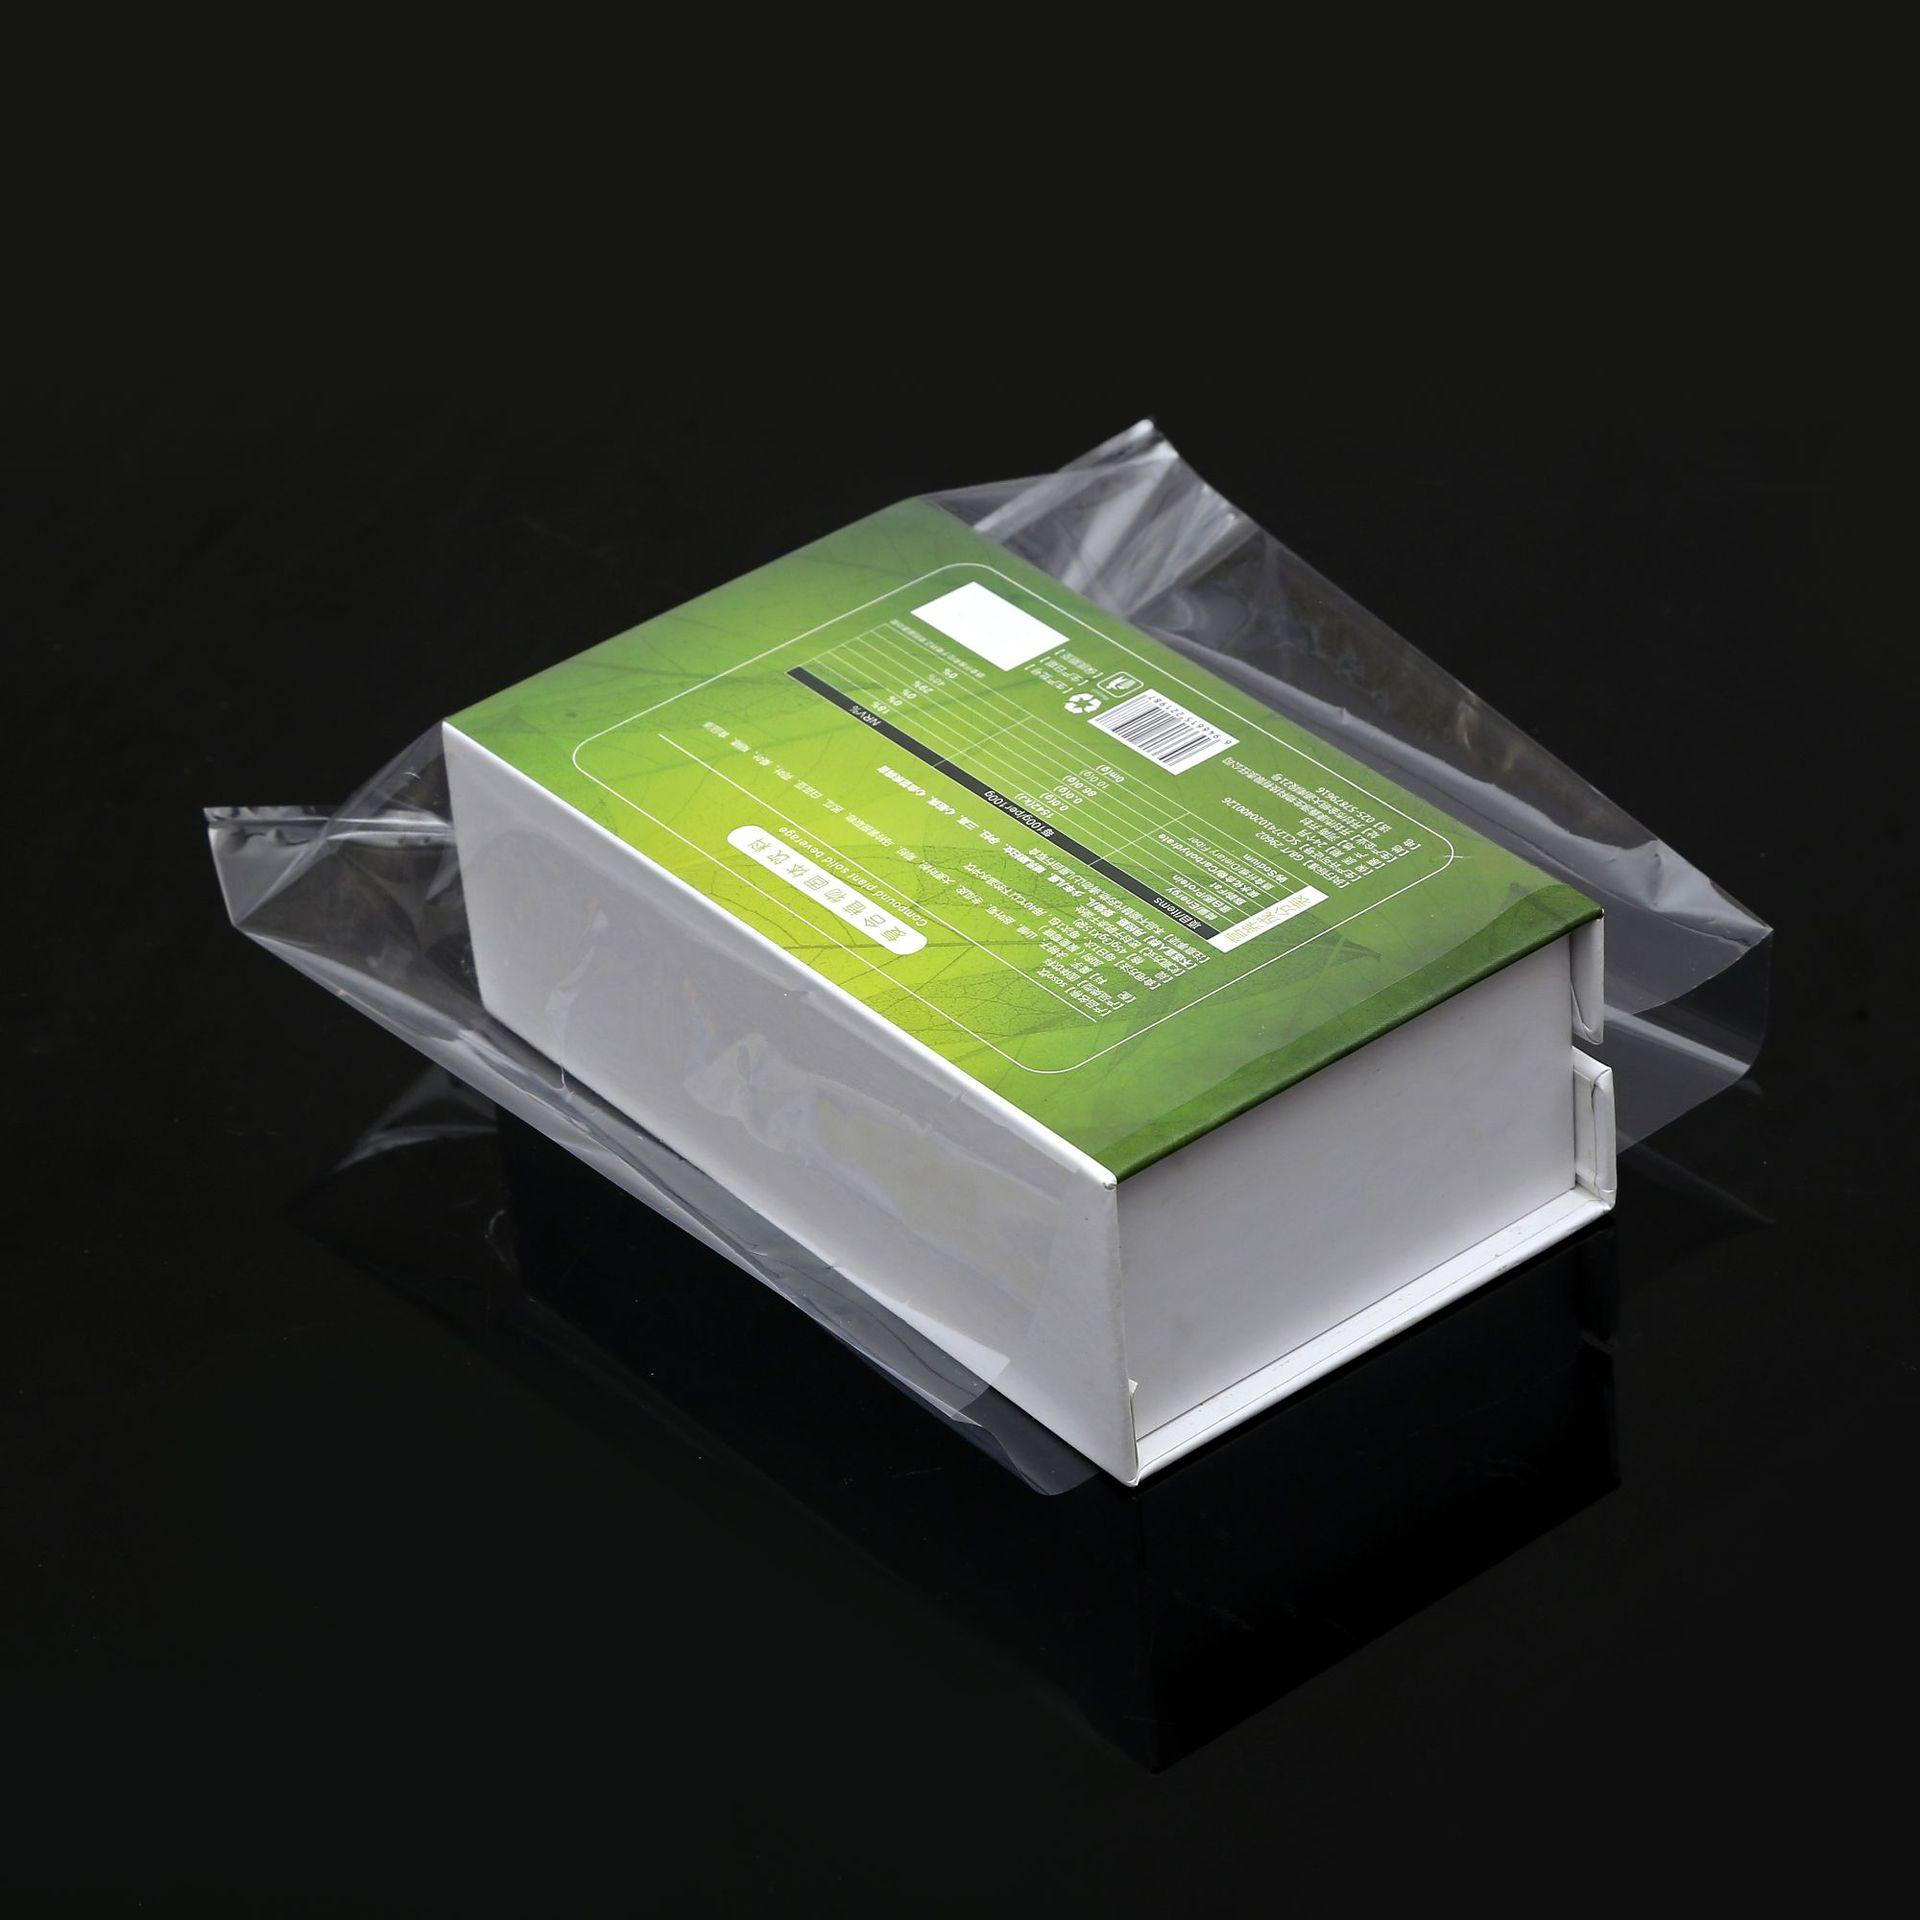 厂家直销包装防潮防尘塑料袋PVC热收缩膜日用品食品通用包装 定制